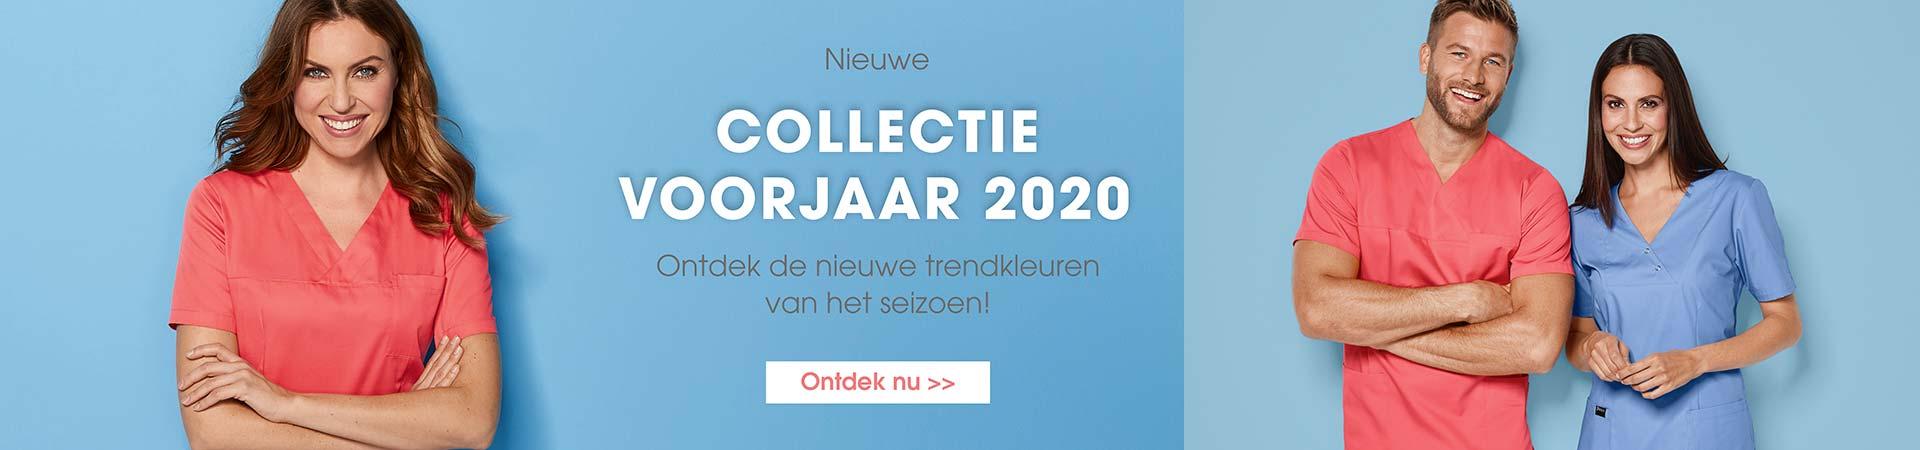 De nieuwe collectie 2020